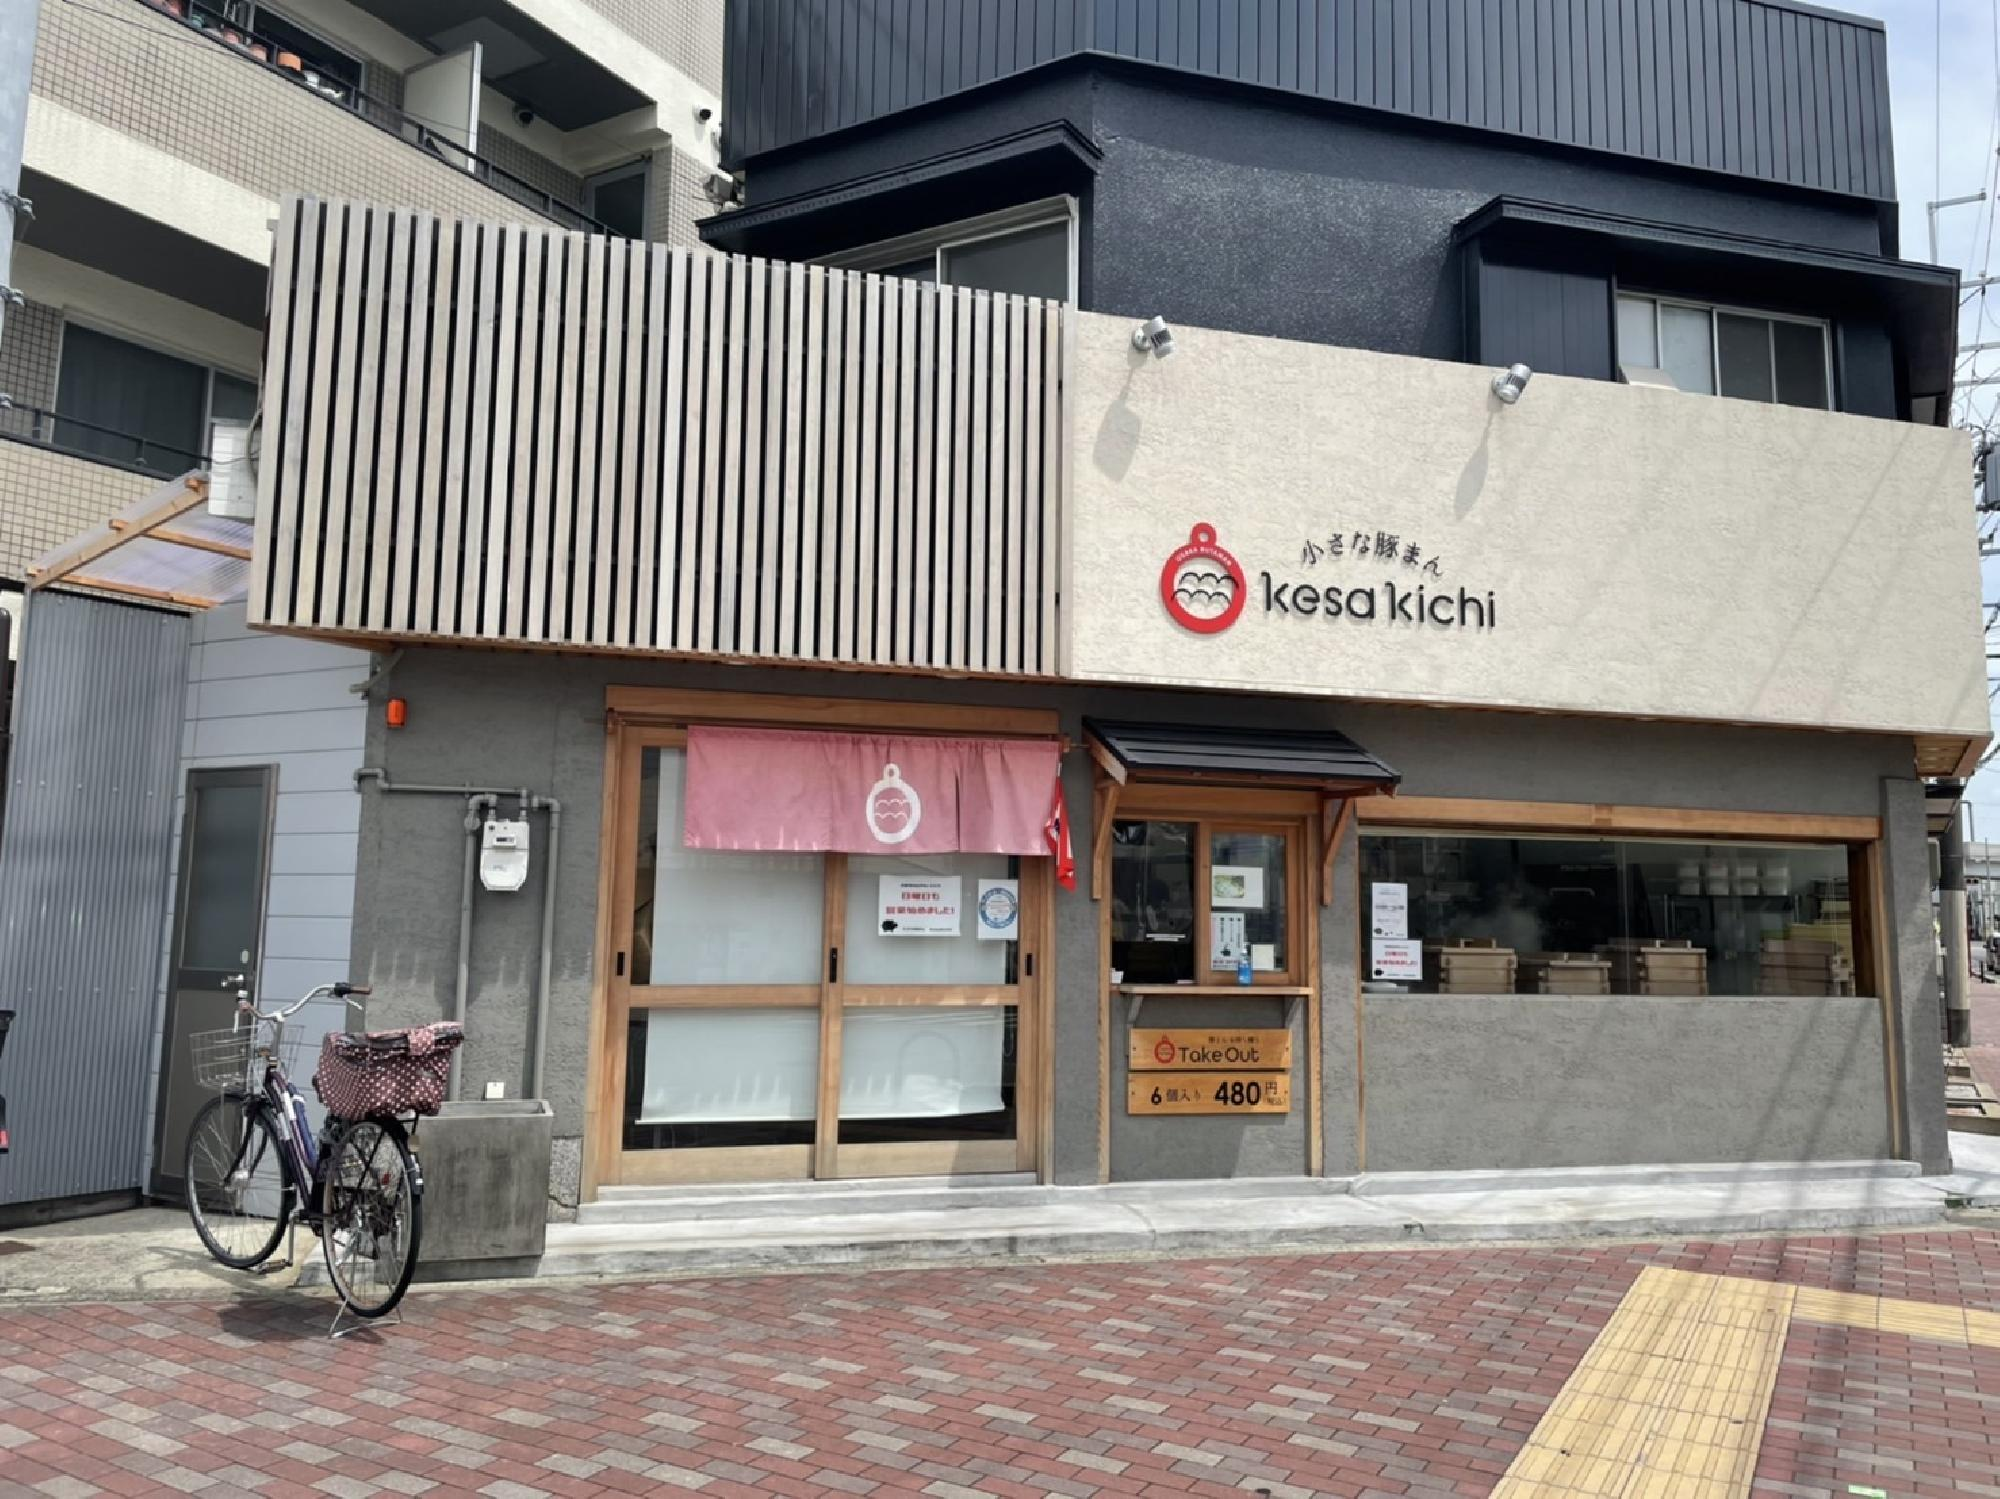 小さな豚まん専門店kesakichi_画像_2